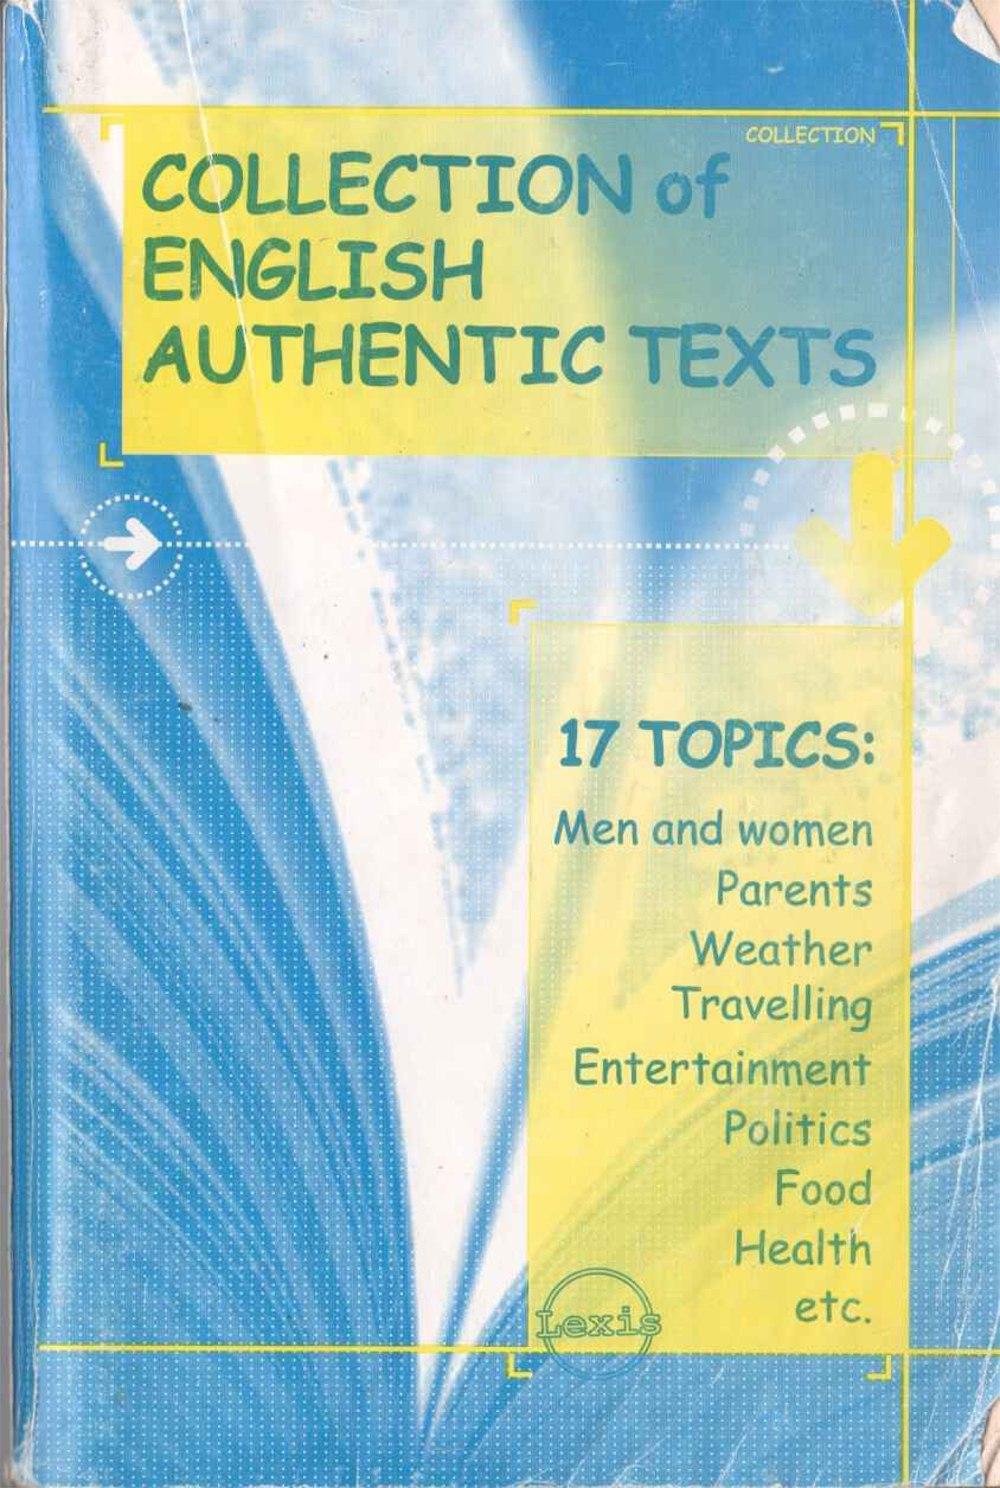 مجموعة النصوص الانجليزية الاصلية Wo2I8Uqtf2Y.jpg